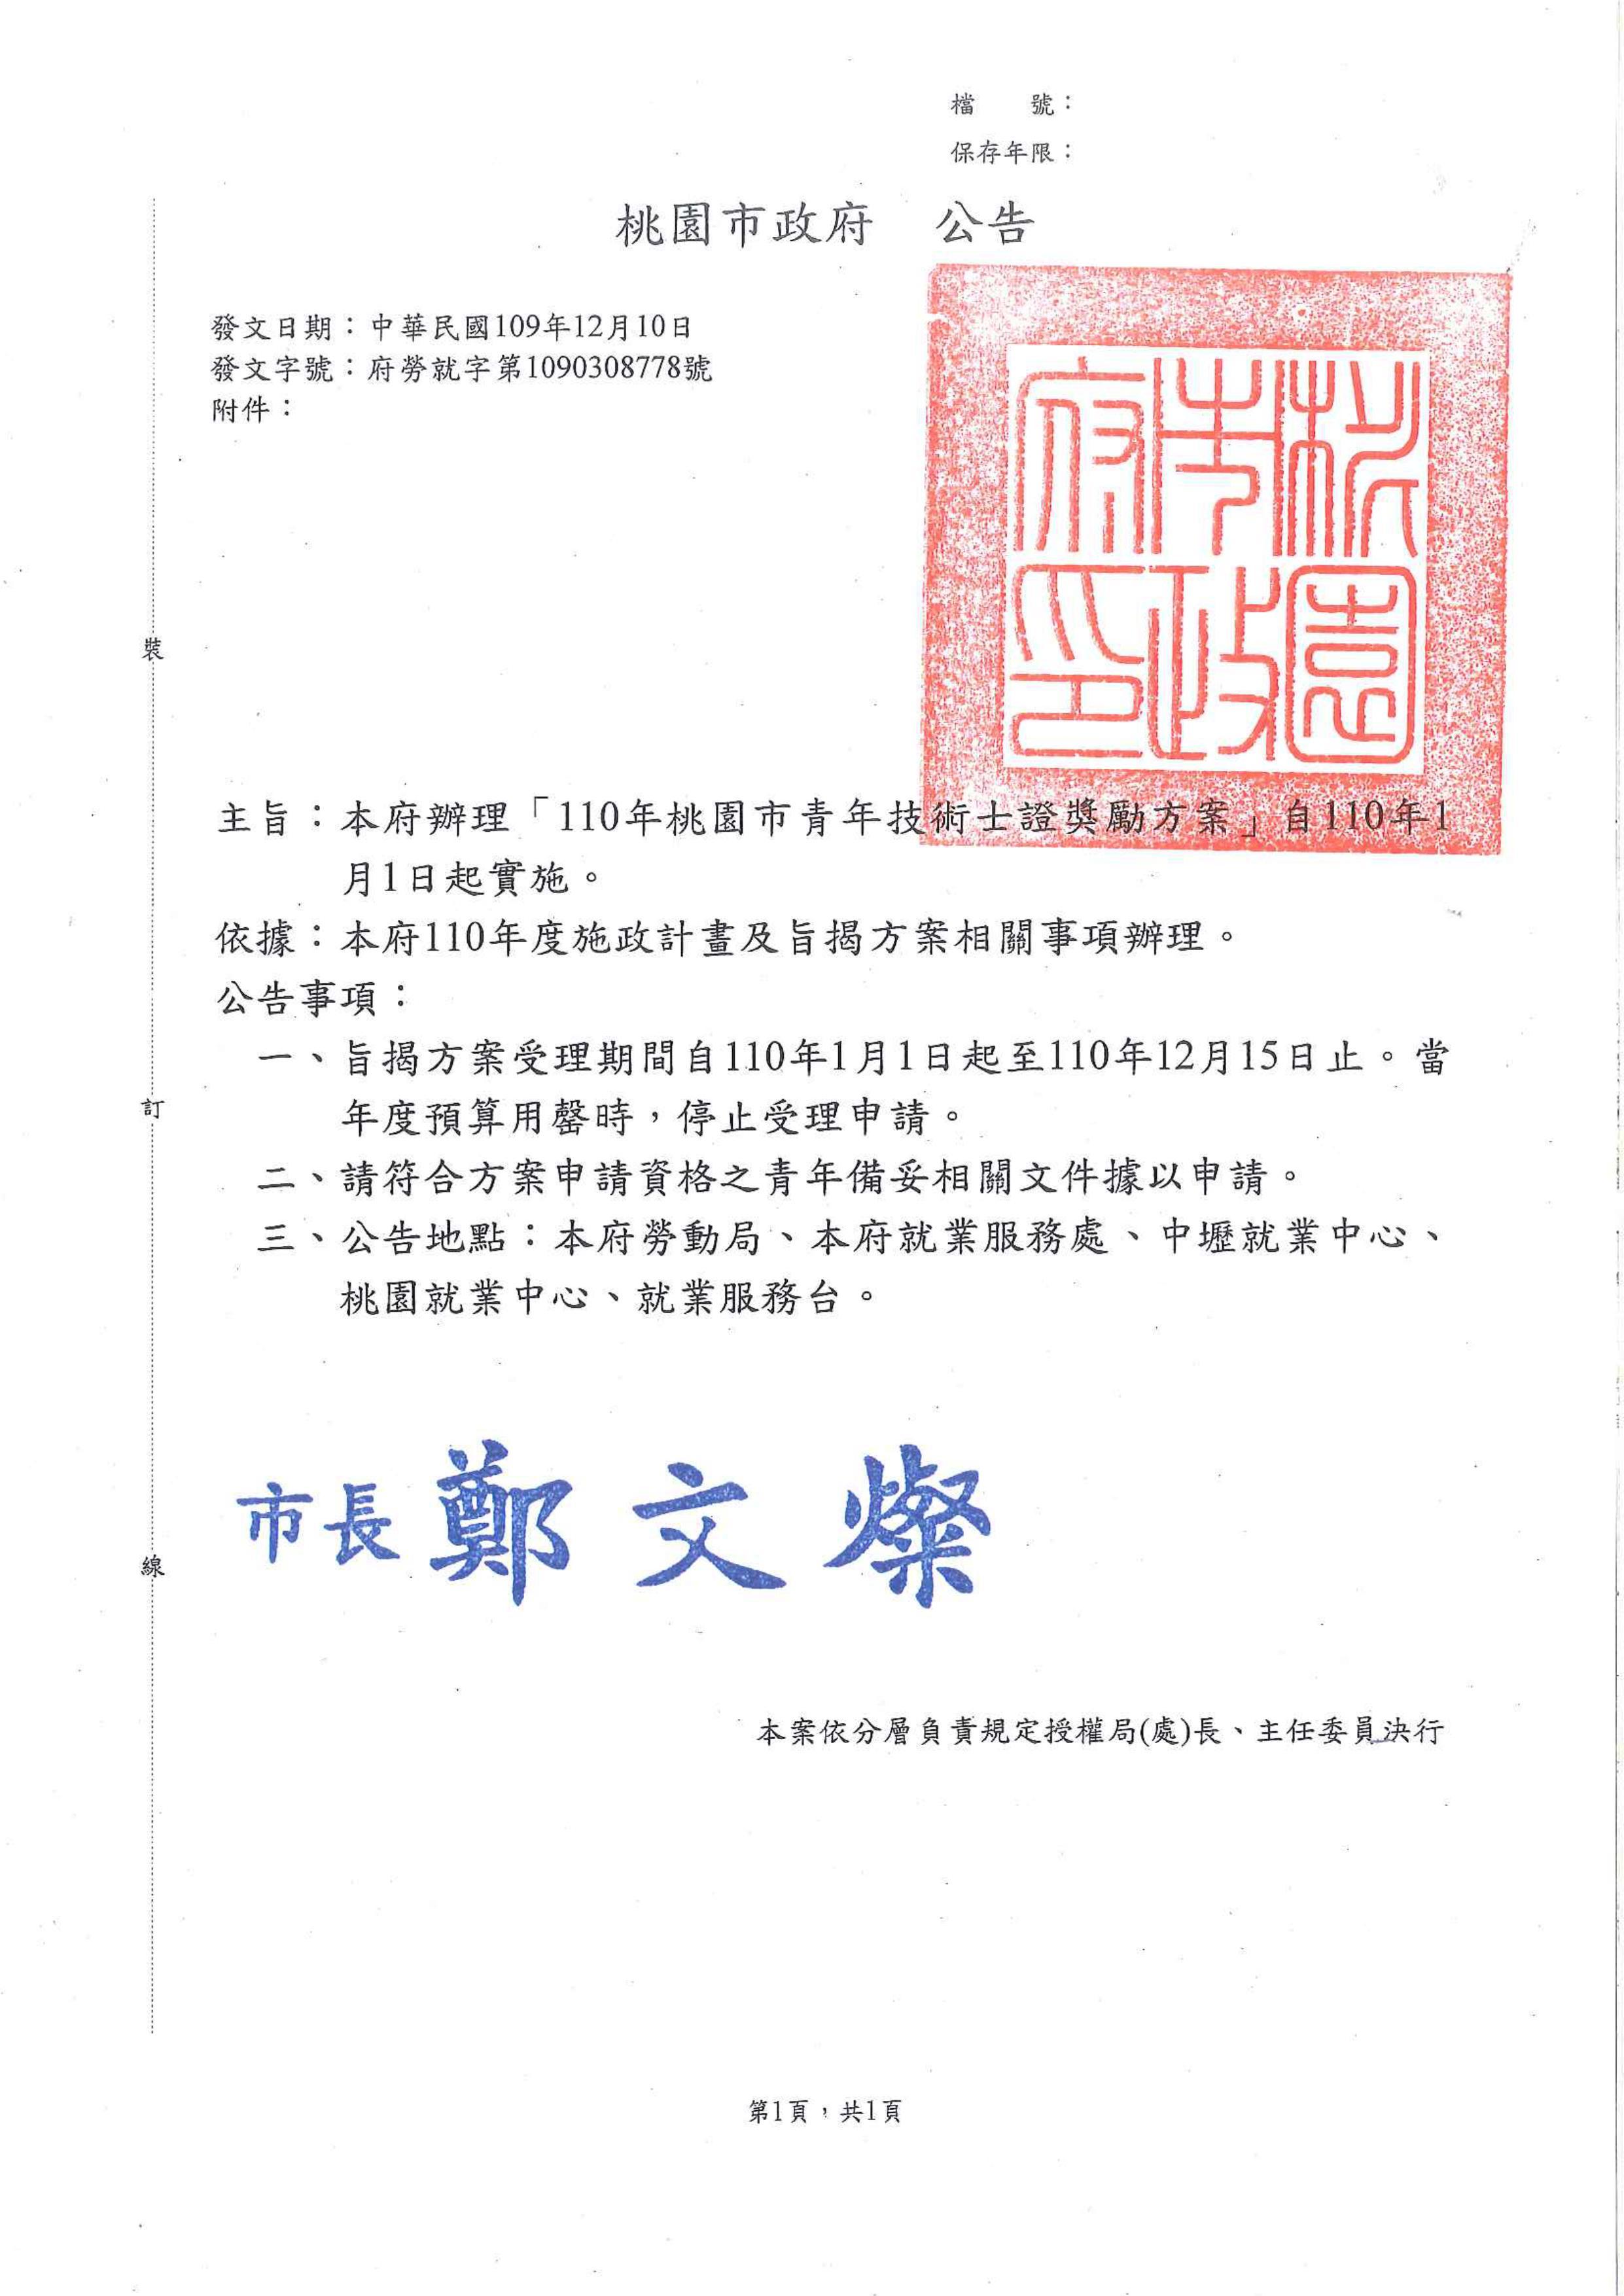 「110年桃園市青年技術士證獎勵方案」自即日起公告實施。受理期間自110年1月1日起至110年12月15日止。